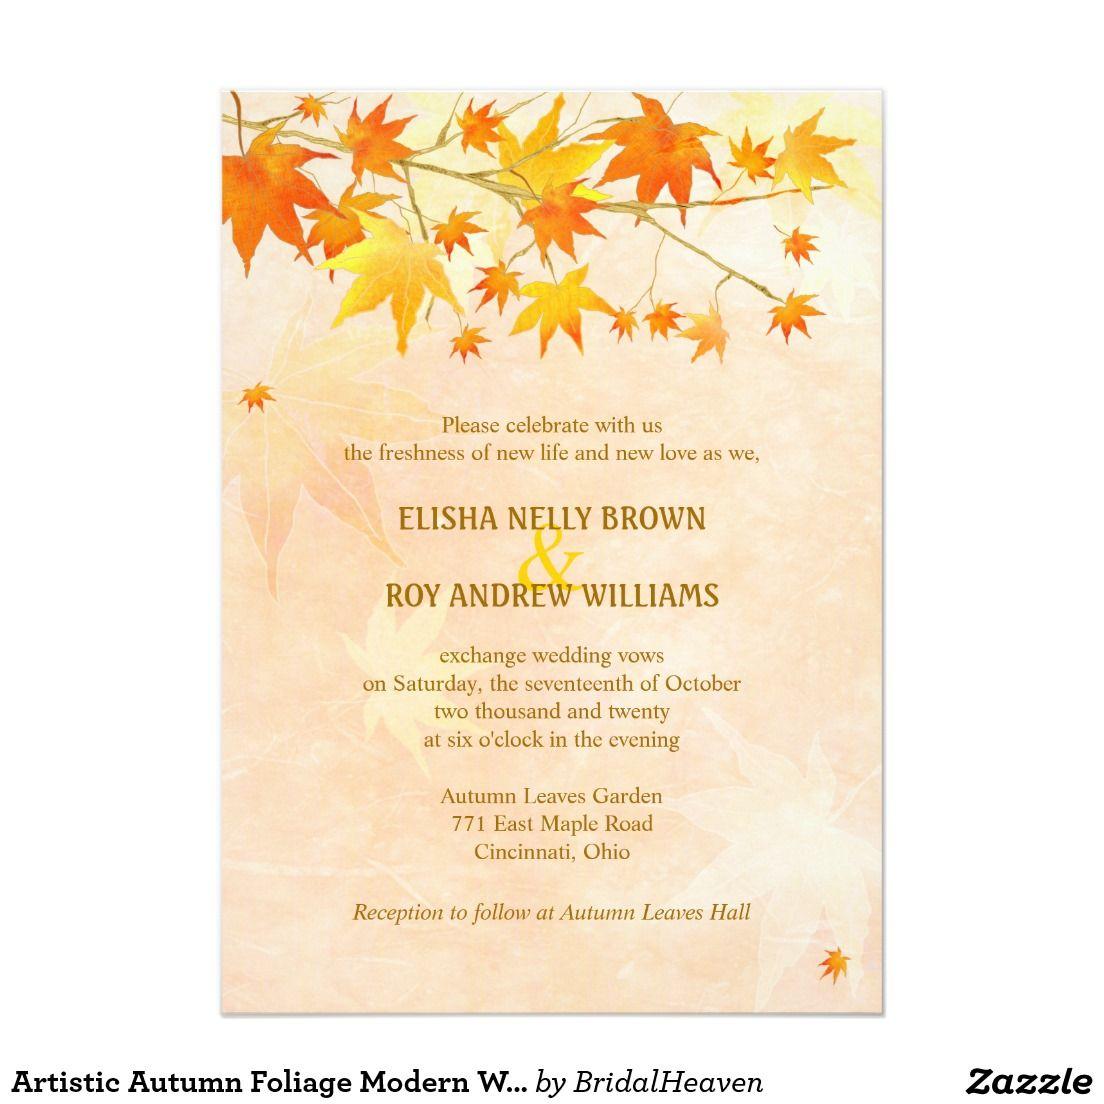 Artistic Autumn Foliage Modern Wedding Card | Wedding card, Weddings ...